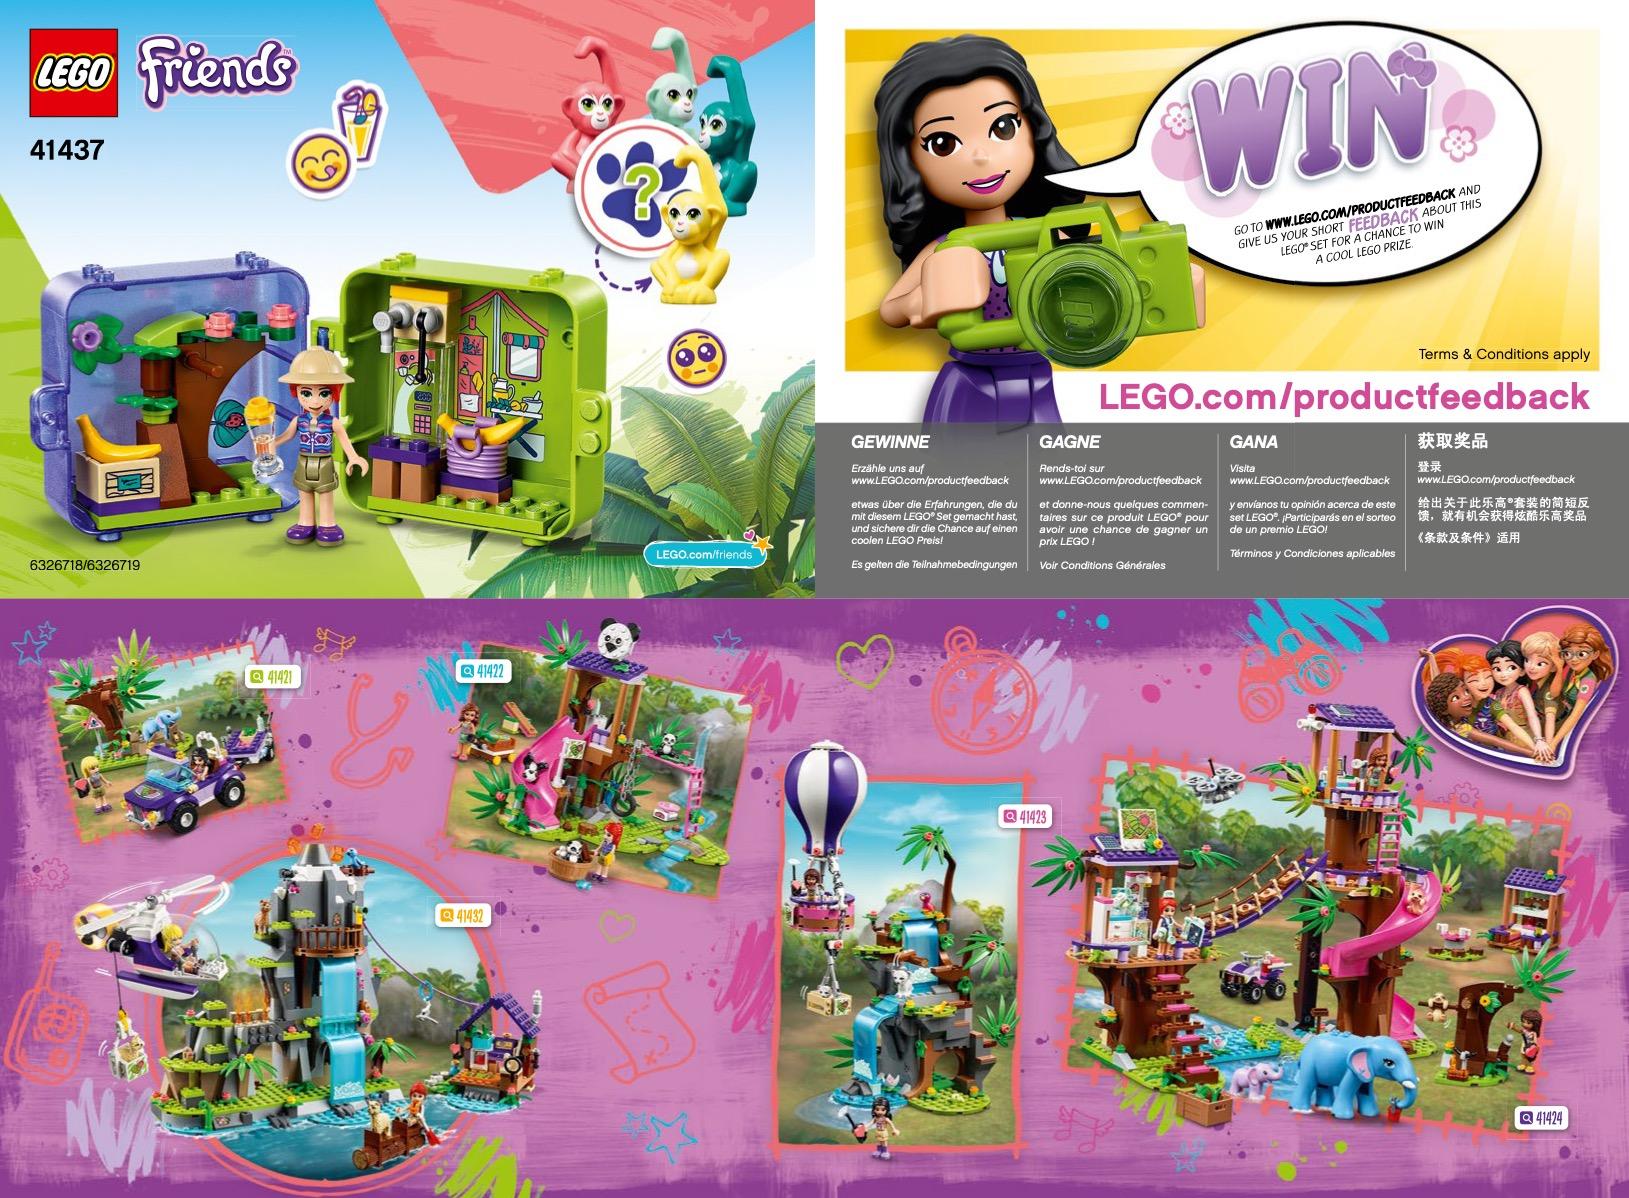 Mia's Jungle Play Cube